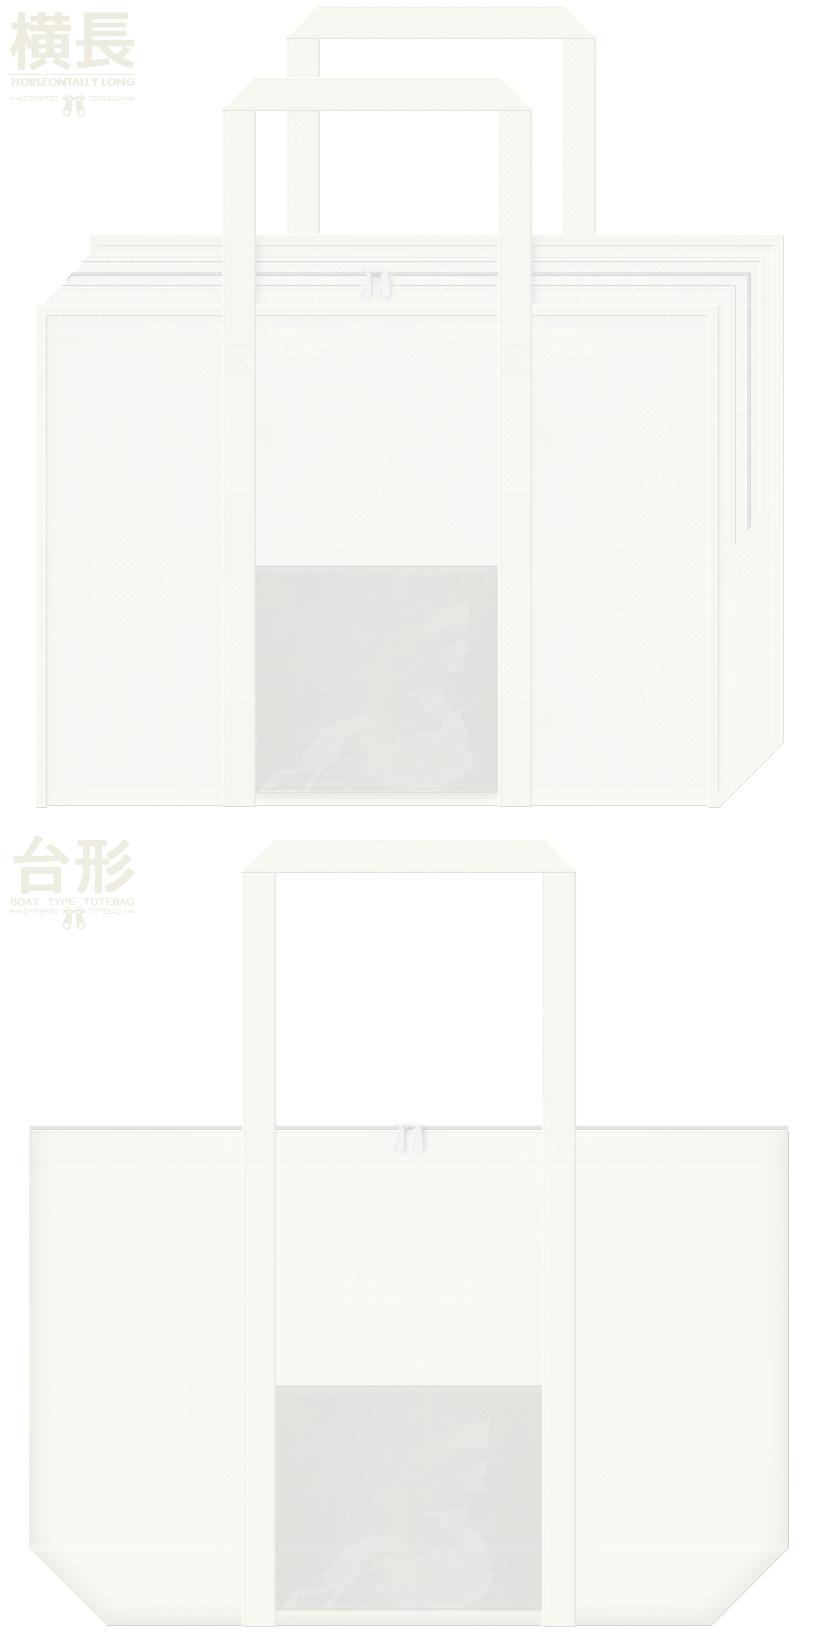 オフホワイト色の不織布バッグデザイン:透明ポケット付きの不織布ランドリーバッグ